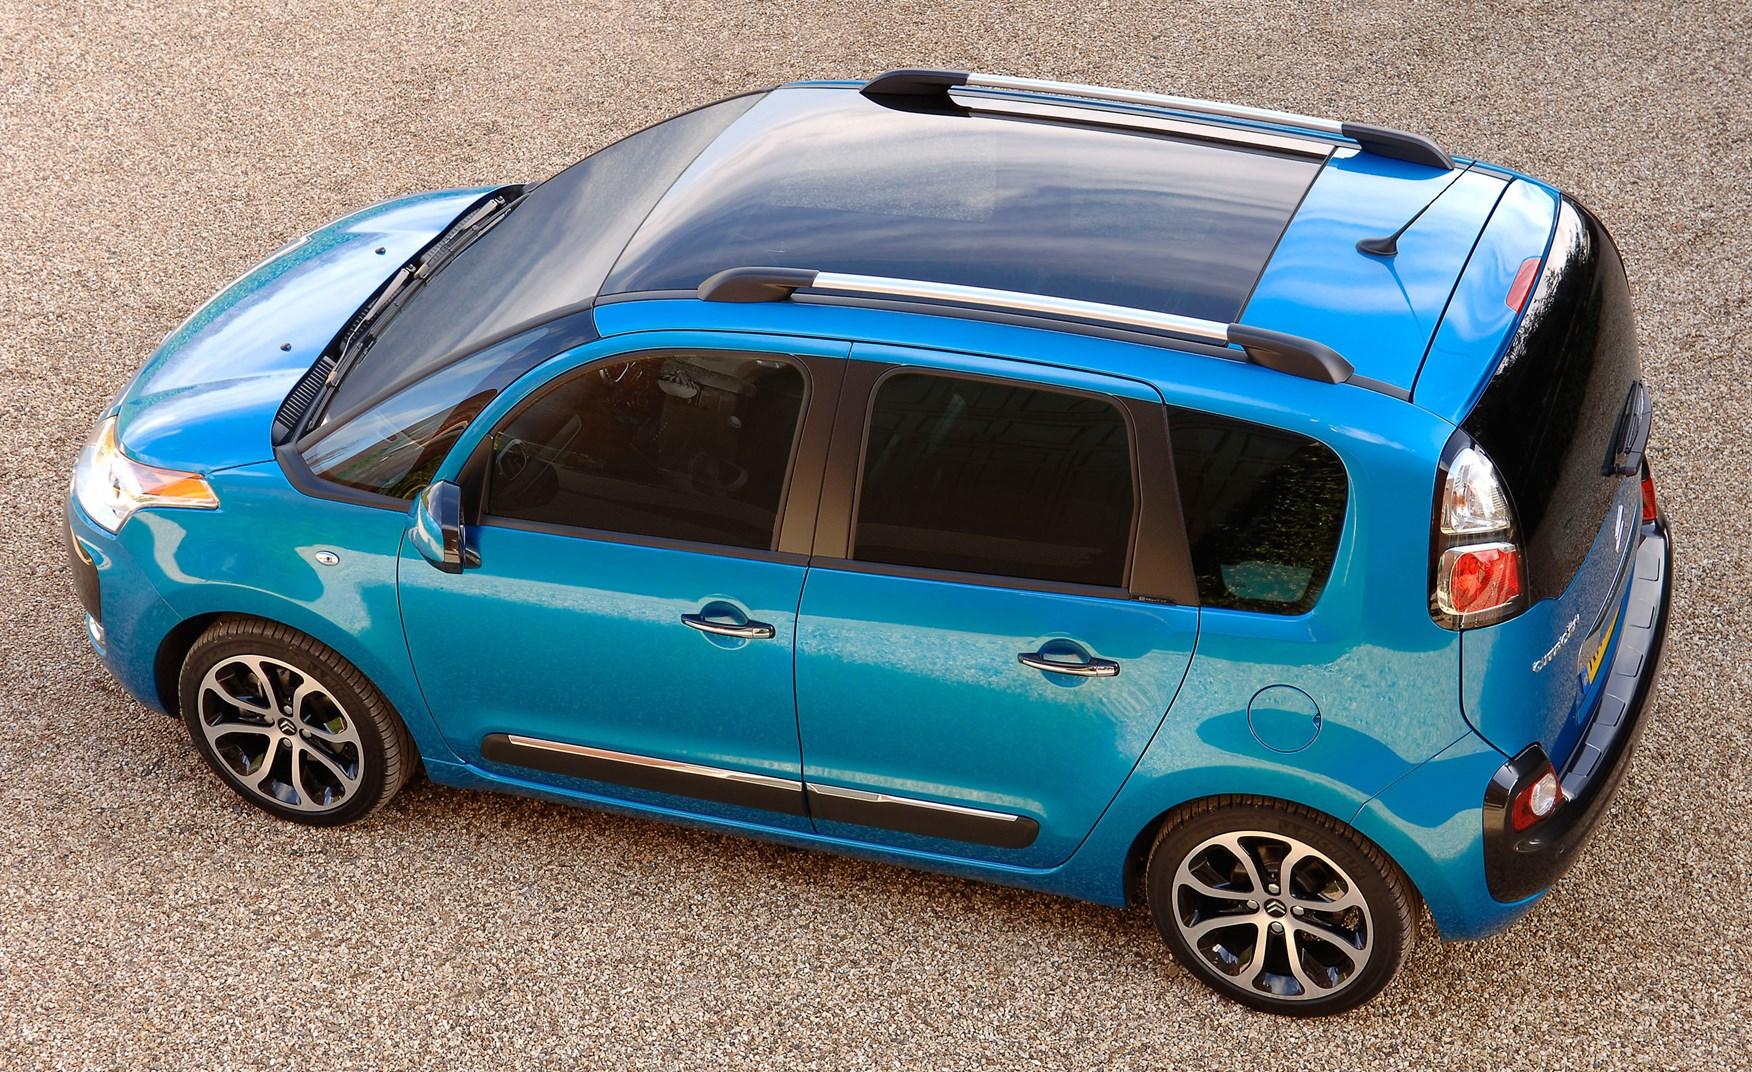 Citroën C3 Picasso Estate Review (2009 - 2017)  406b0d15721d